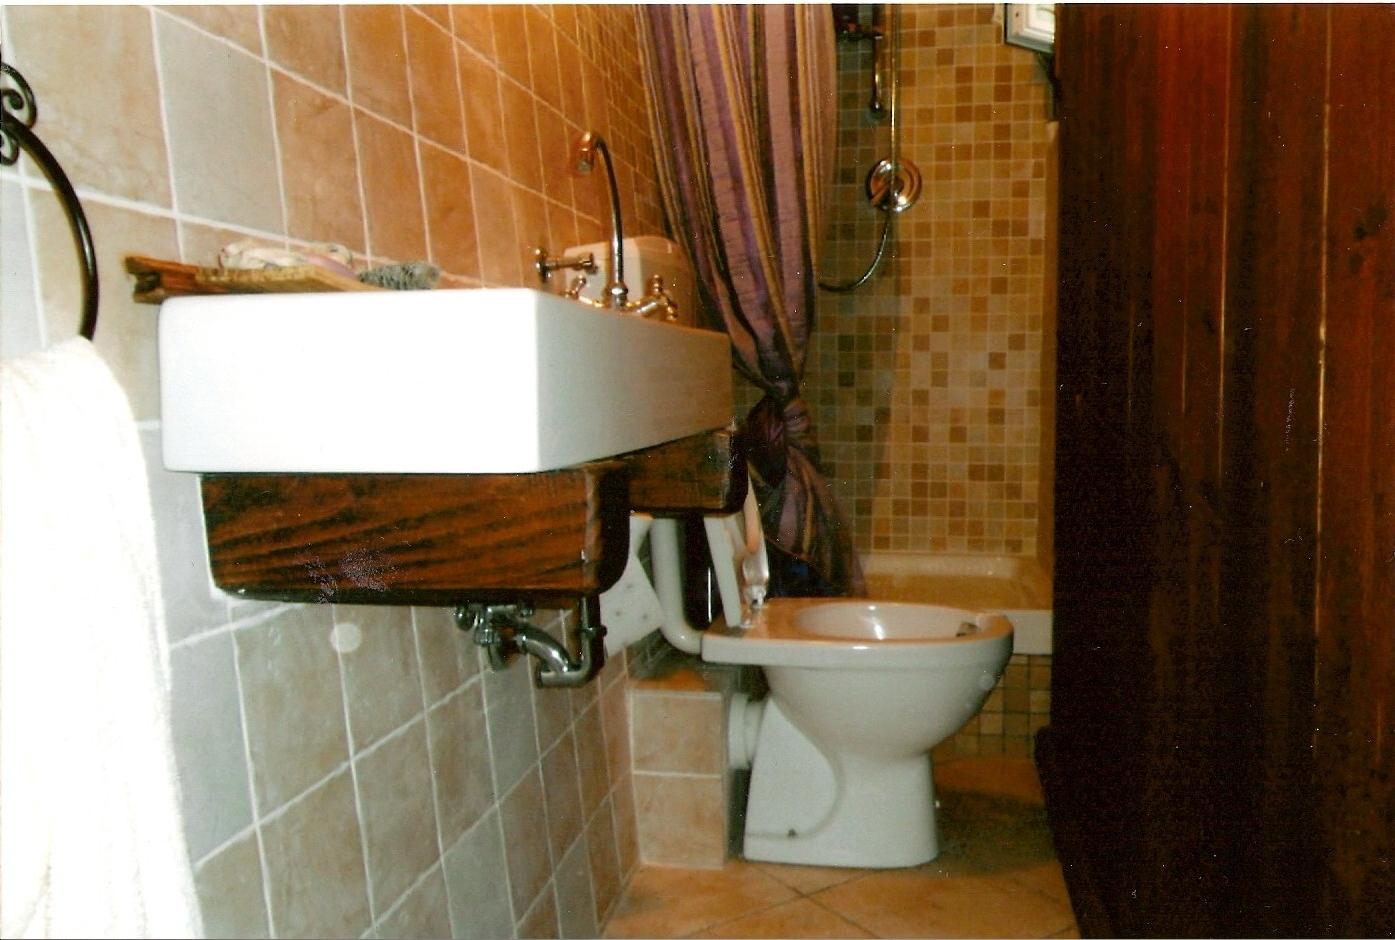 Vasca Da Bagno Rivestita In Legno : I miei sogni di legno: bagno rivestito in legno